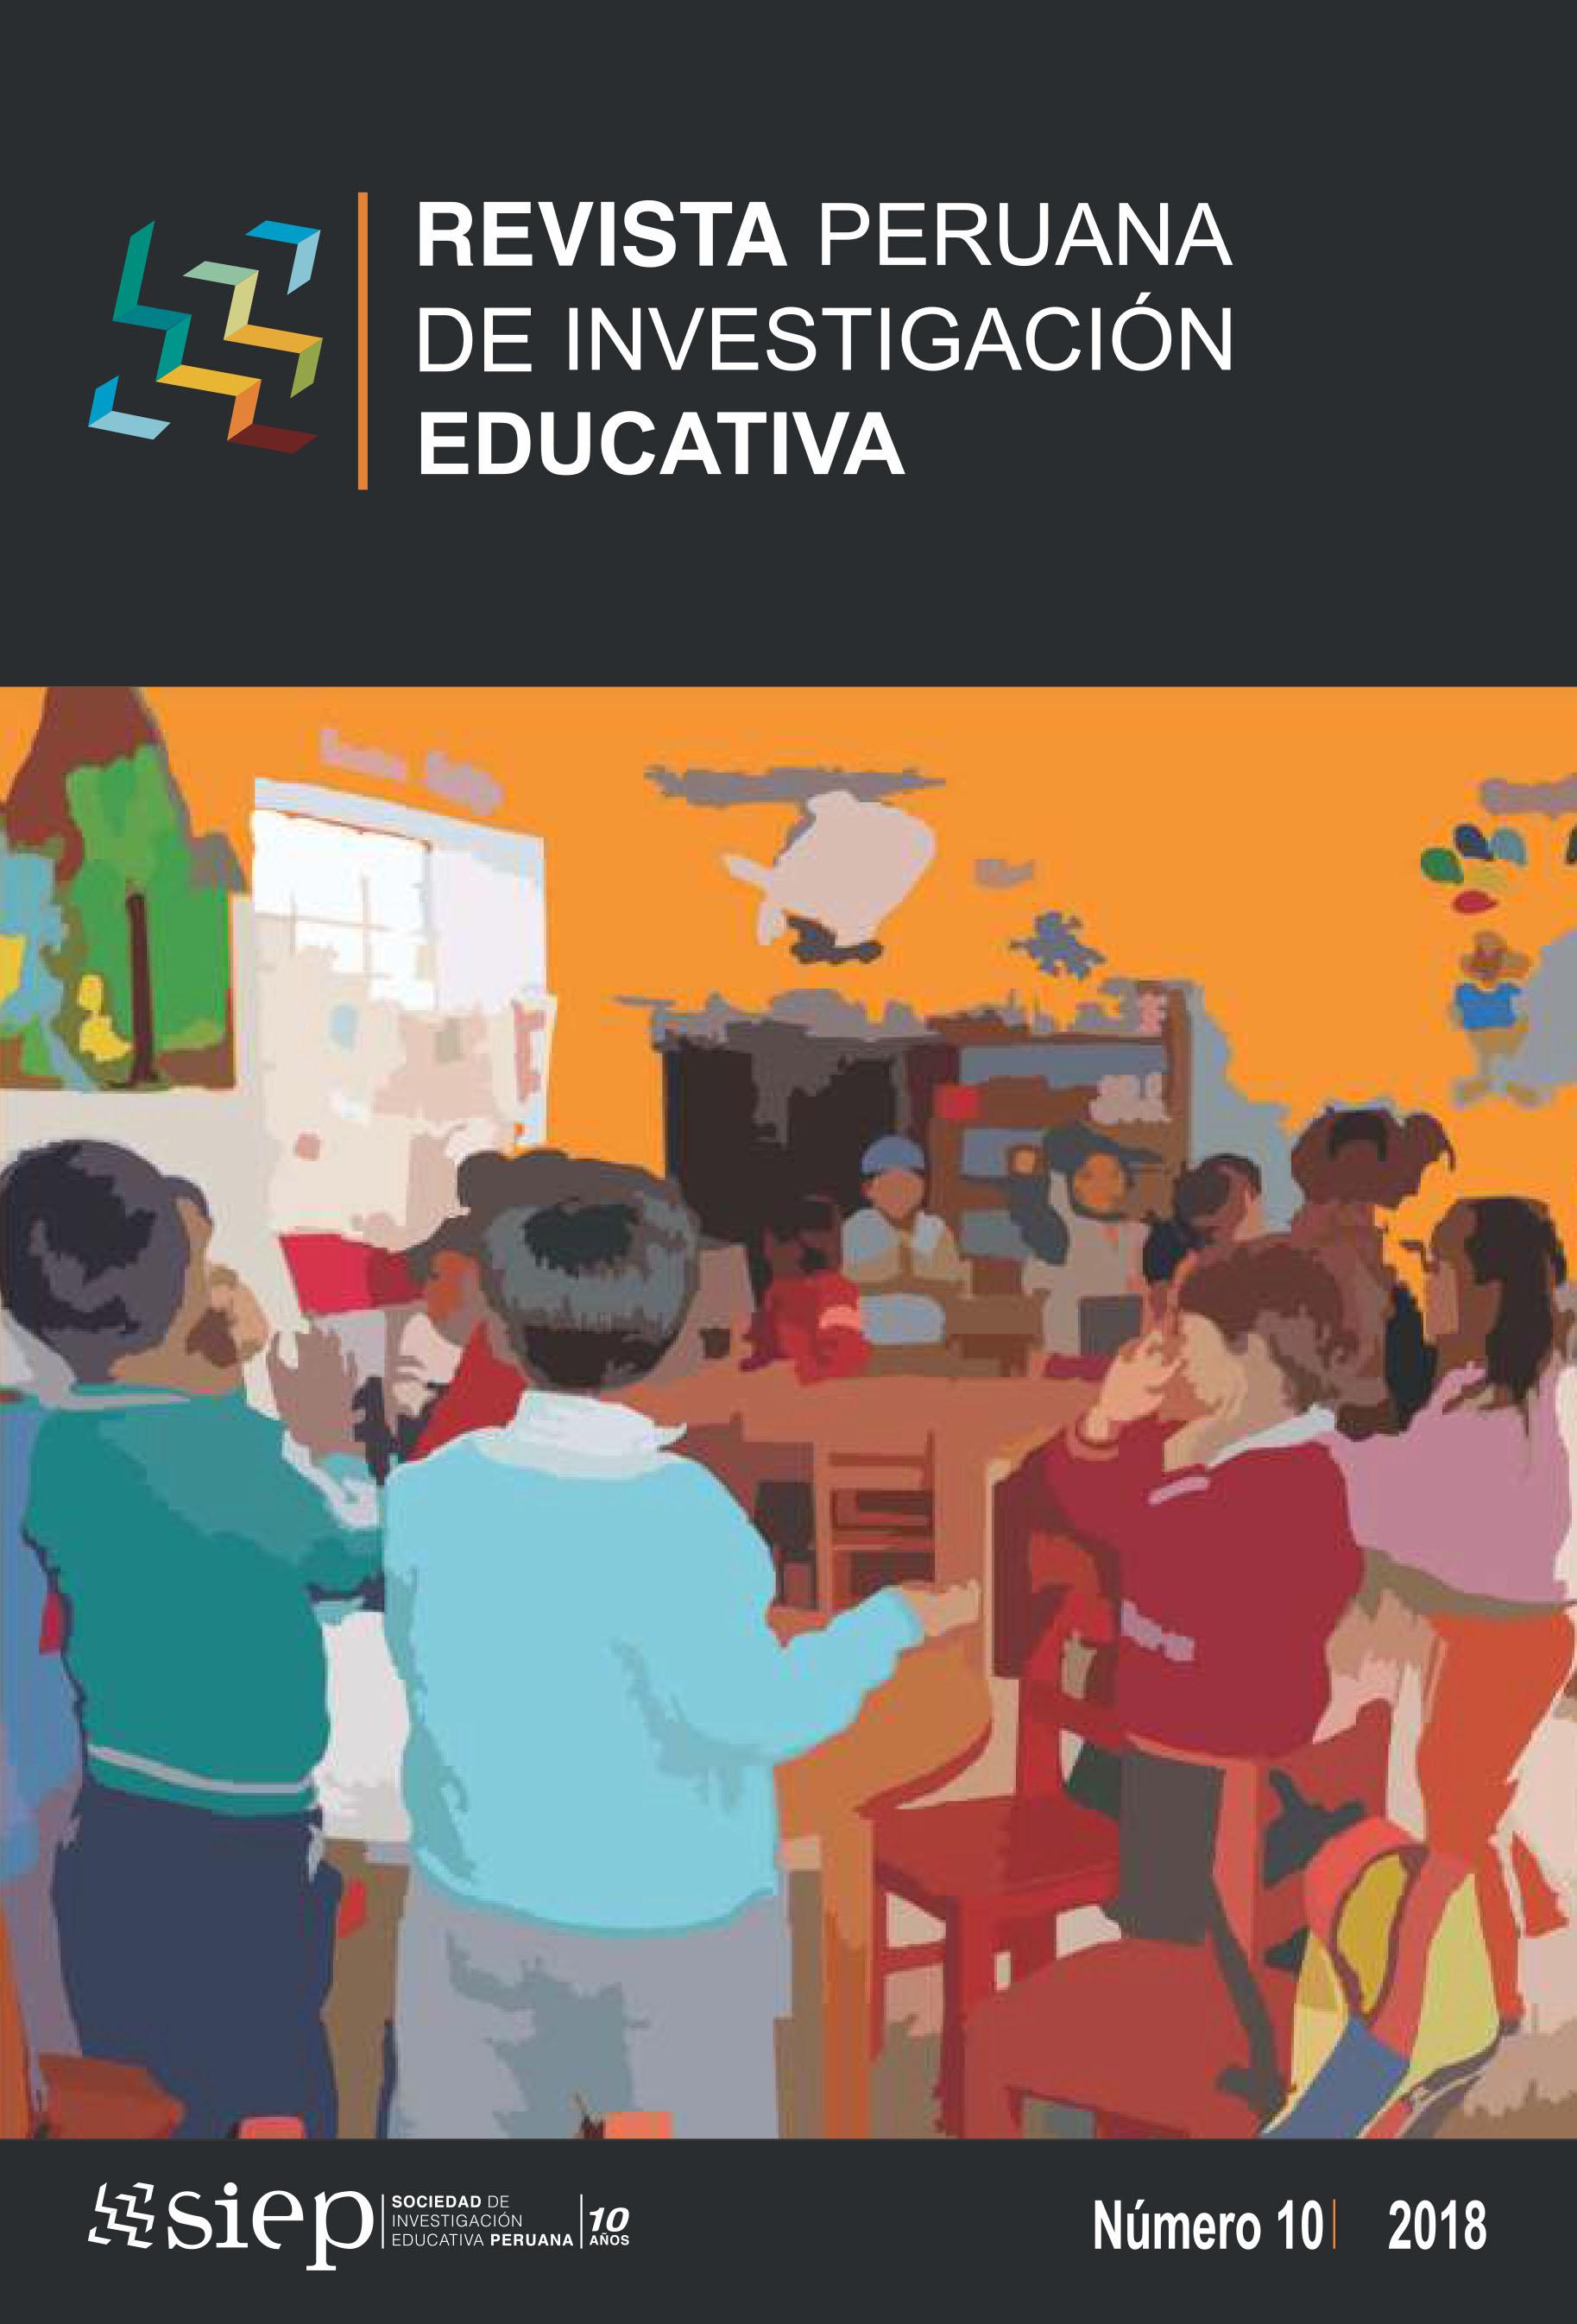 Revista Peruana de Investigación Educativa Vol.10, No10, 2018